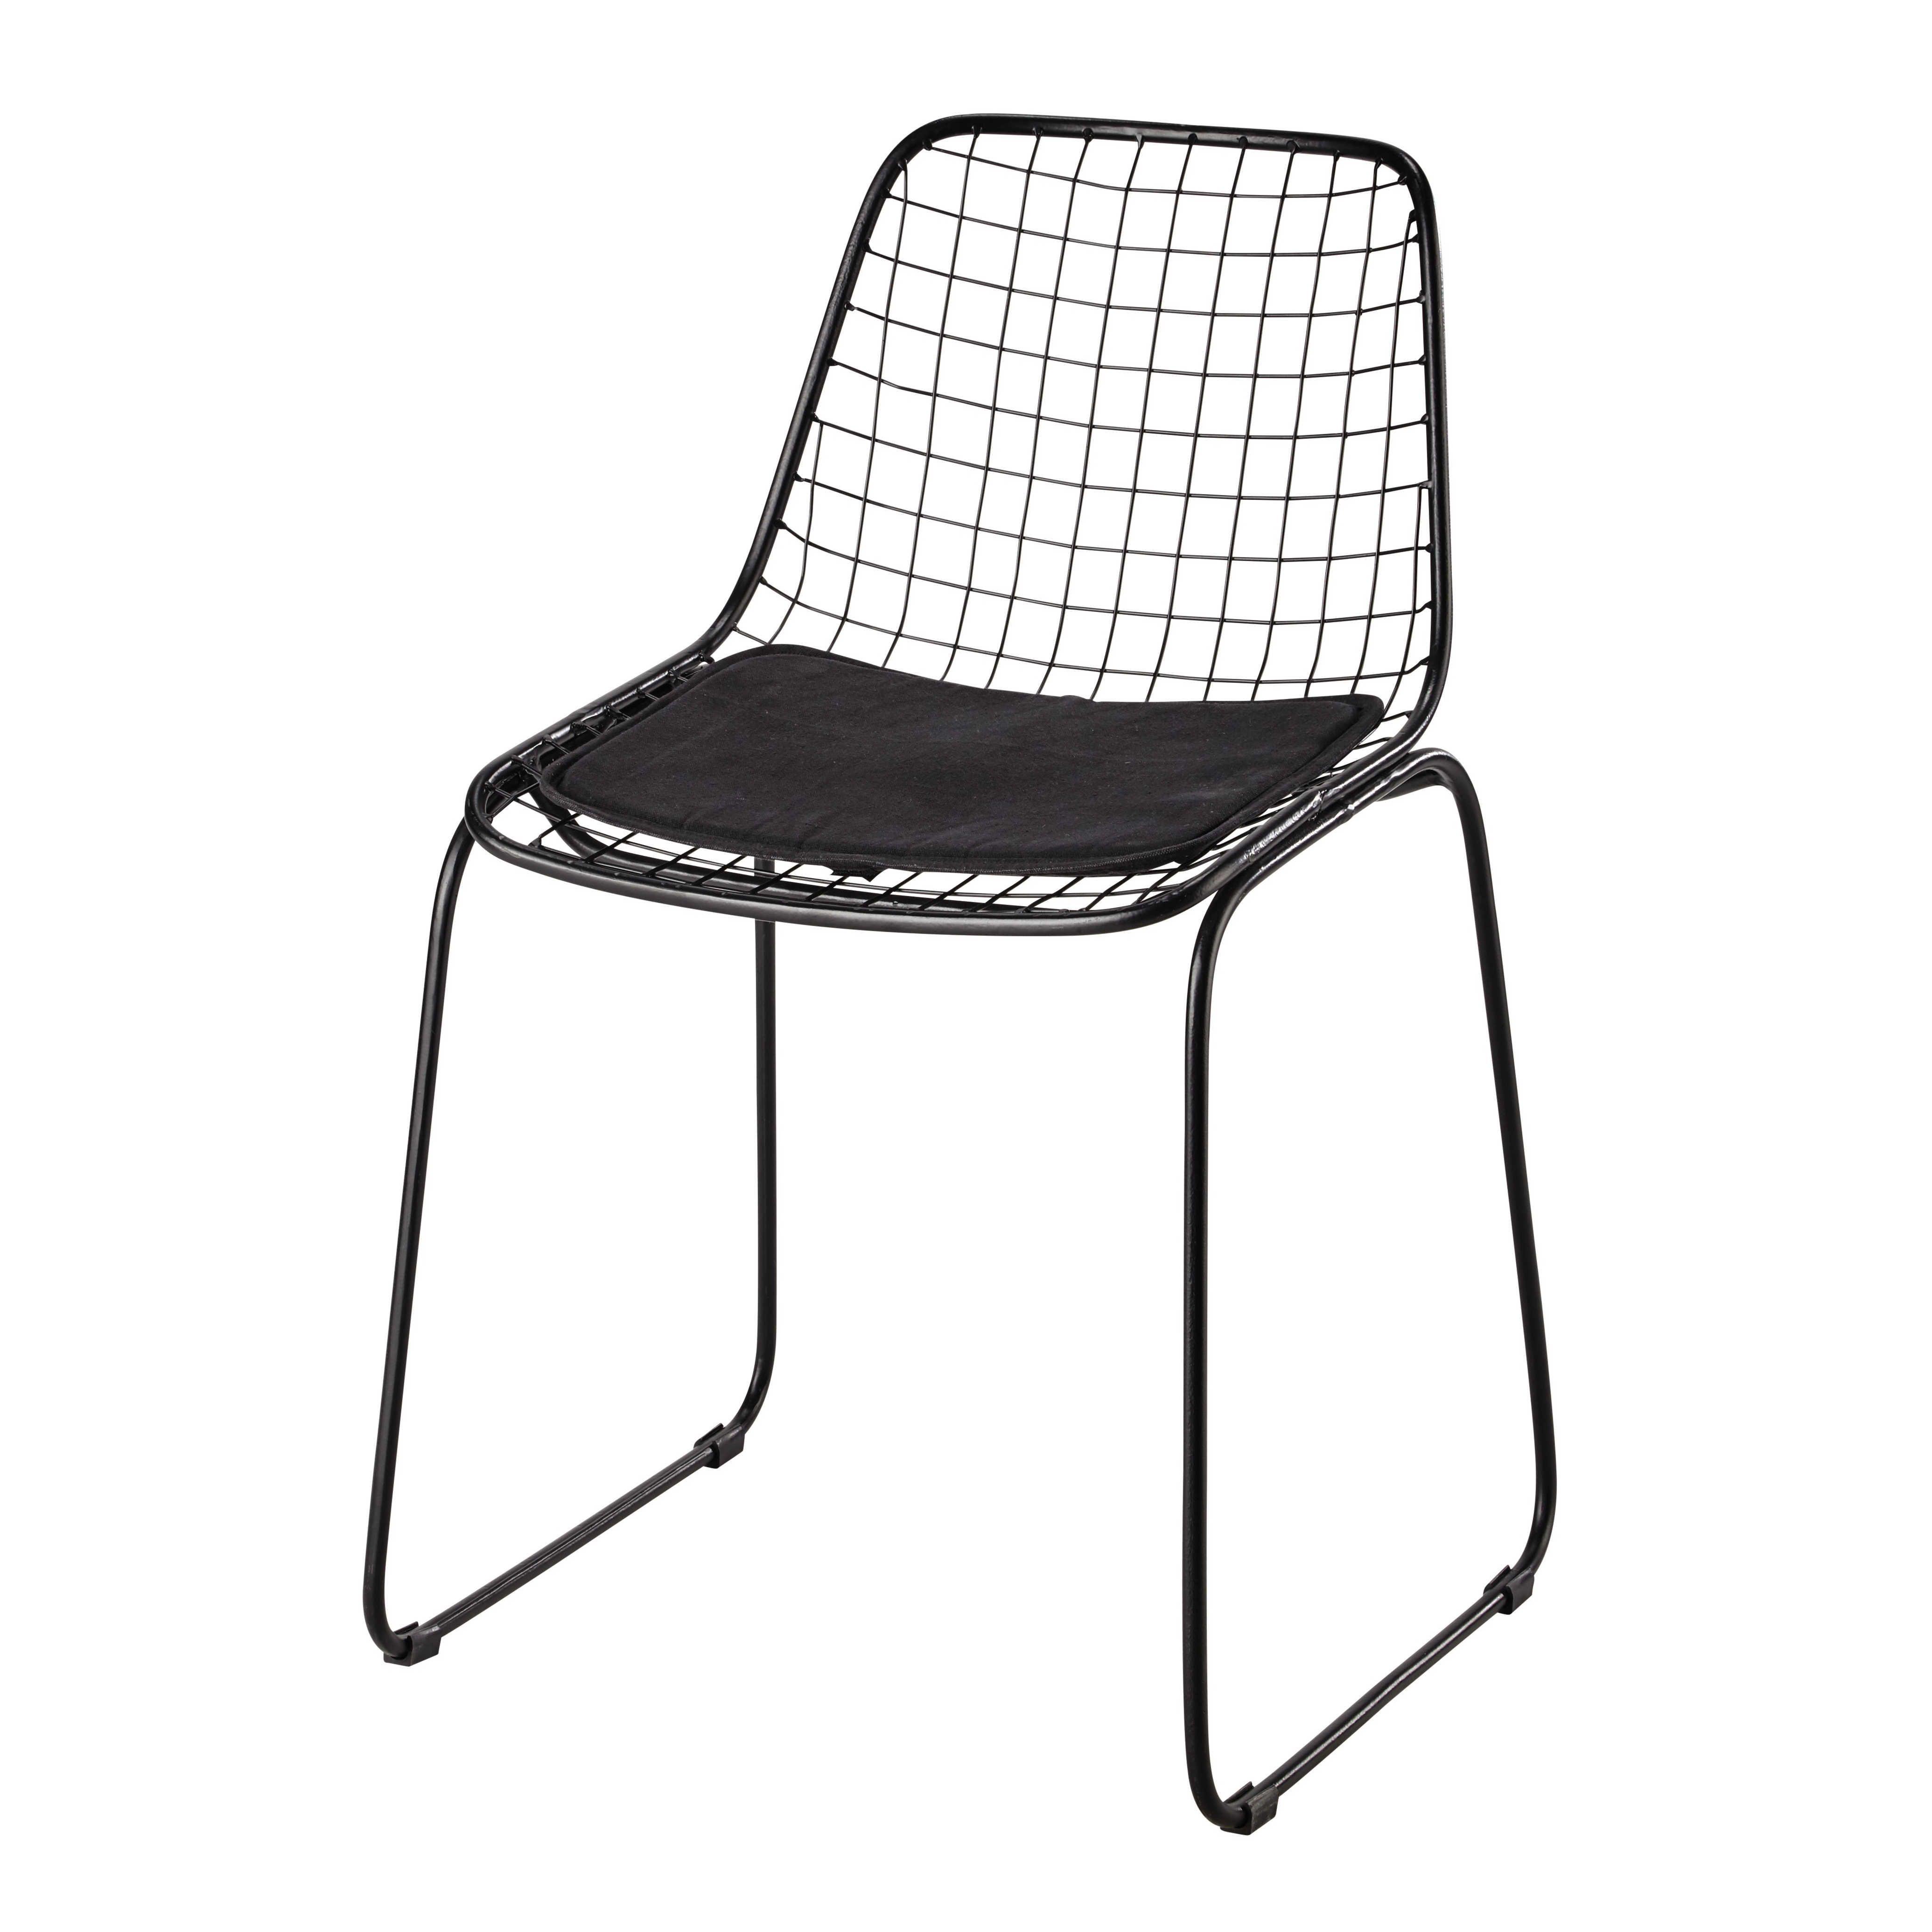 chaise en m tal noire picpus maison du monde 79 deco. Black Bedroom Furniture Sets. Home Design Ideas